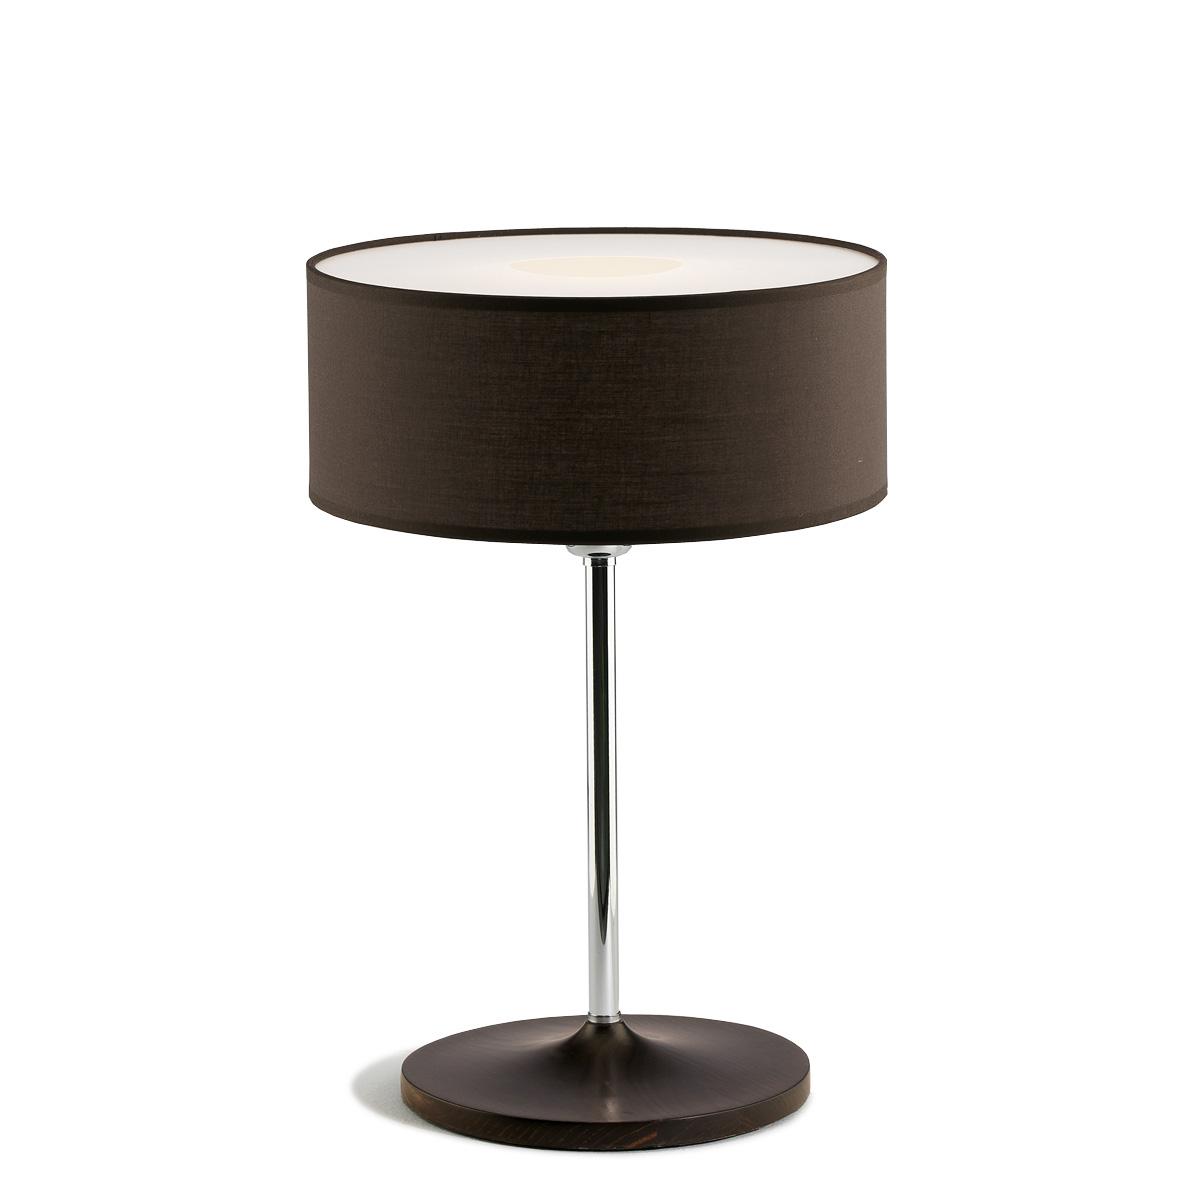 Επιτραπέζια λάμπα με ανθρακί καπέλο DISCO ZEN dark grey shade table lamp